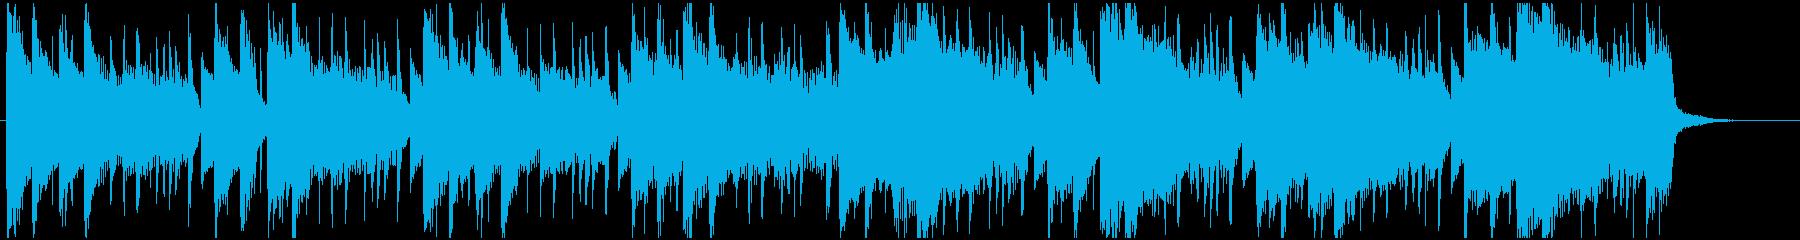 ライトな可愛いドラムンベースジングルの再生済みの波形